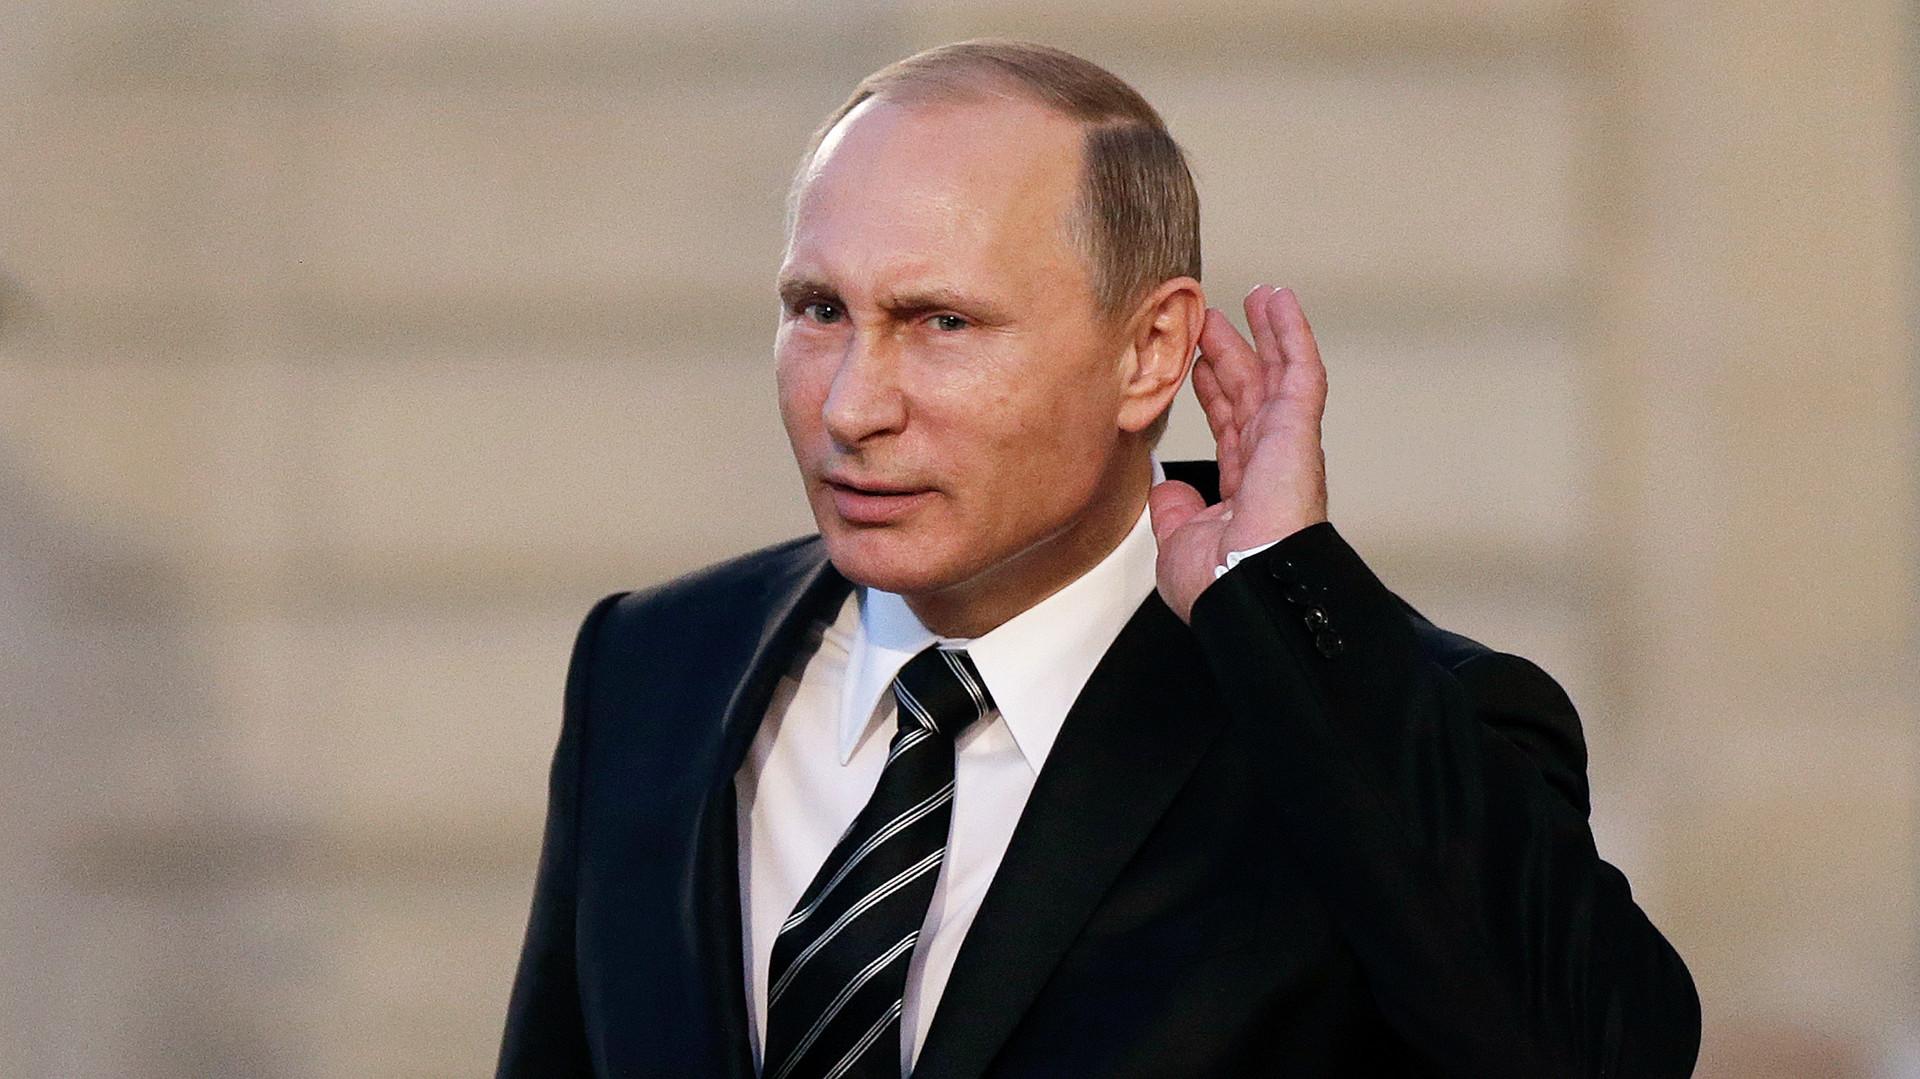 """Hinde Pomeraniec: """"Putin puede parecer un rústico, pero no lo es"""" - Radio Cantilo"""